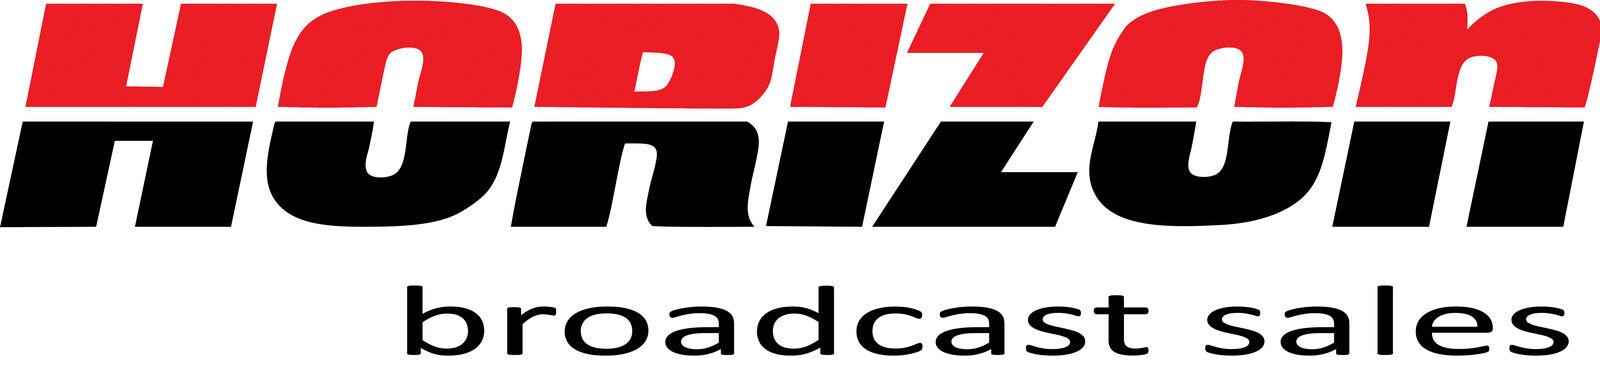 Horizon Broadcast Sales